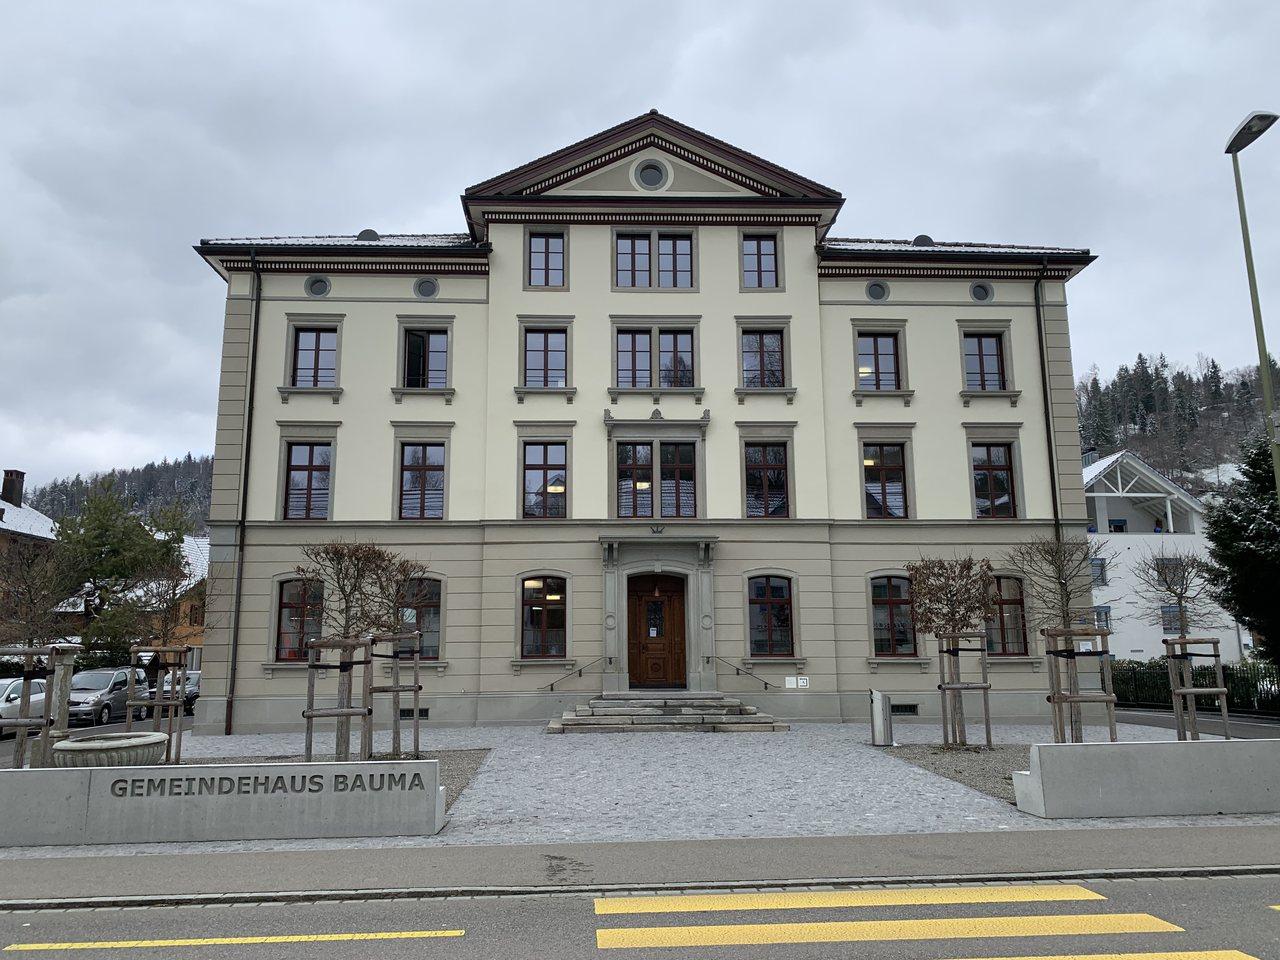 Gemeindehaus Bauma